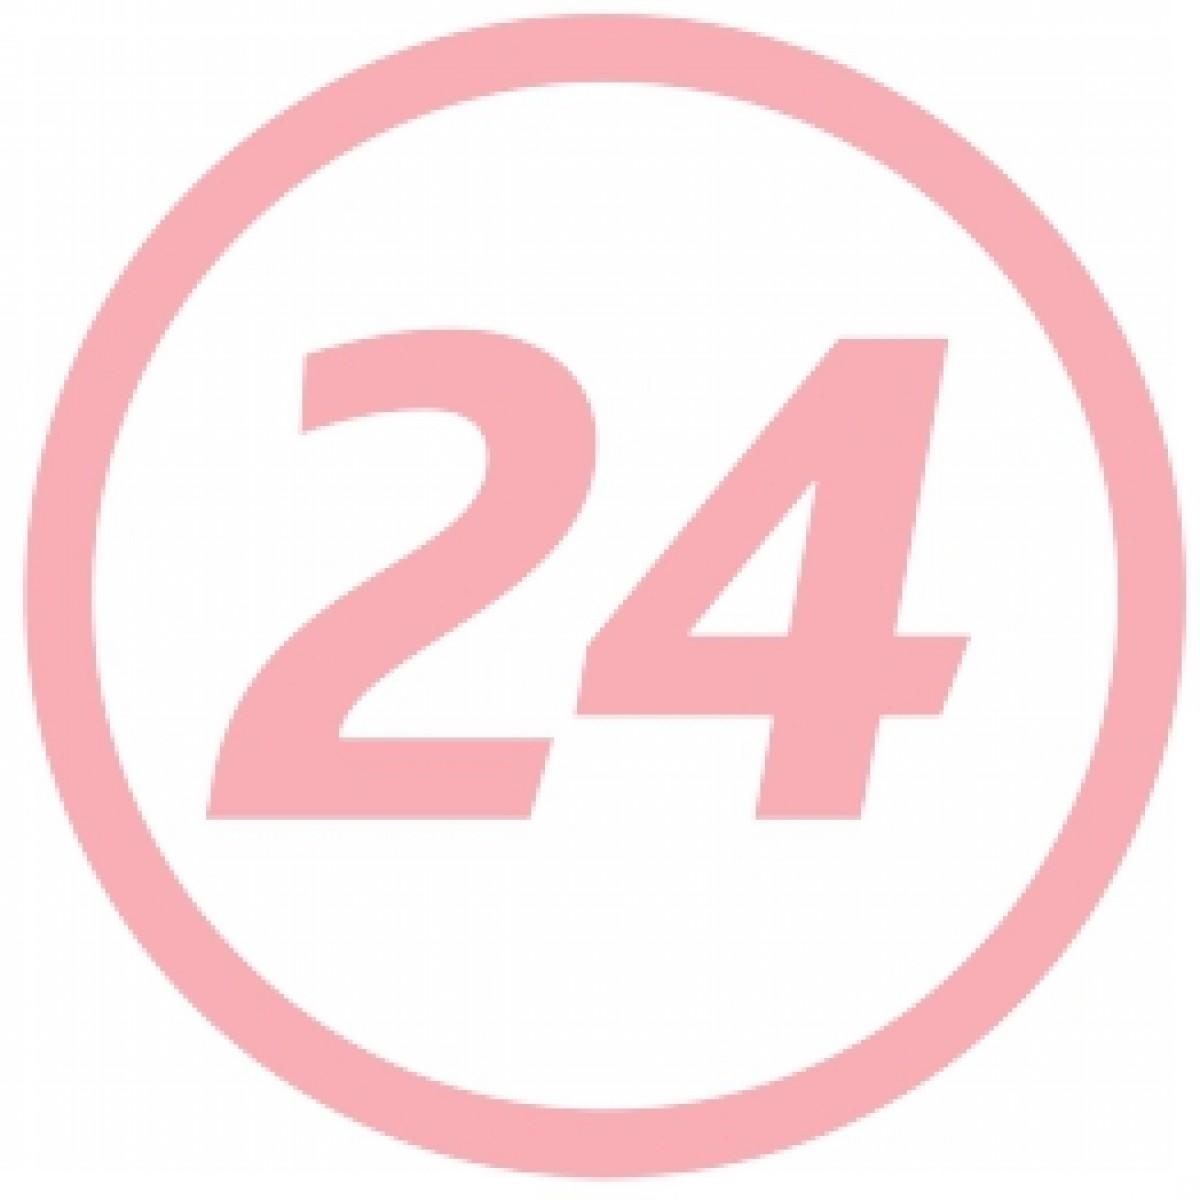 Stratamark Gel Pentru Prevenirea si Indepartarea Vergeturilor, Gel, 20g